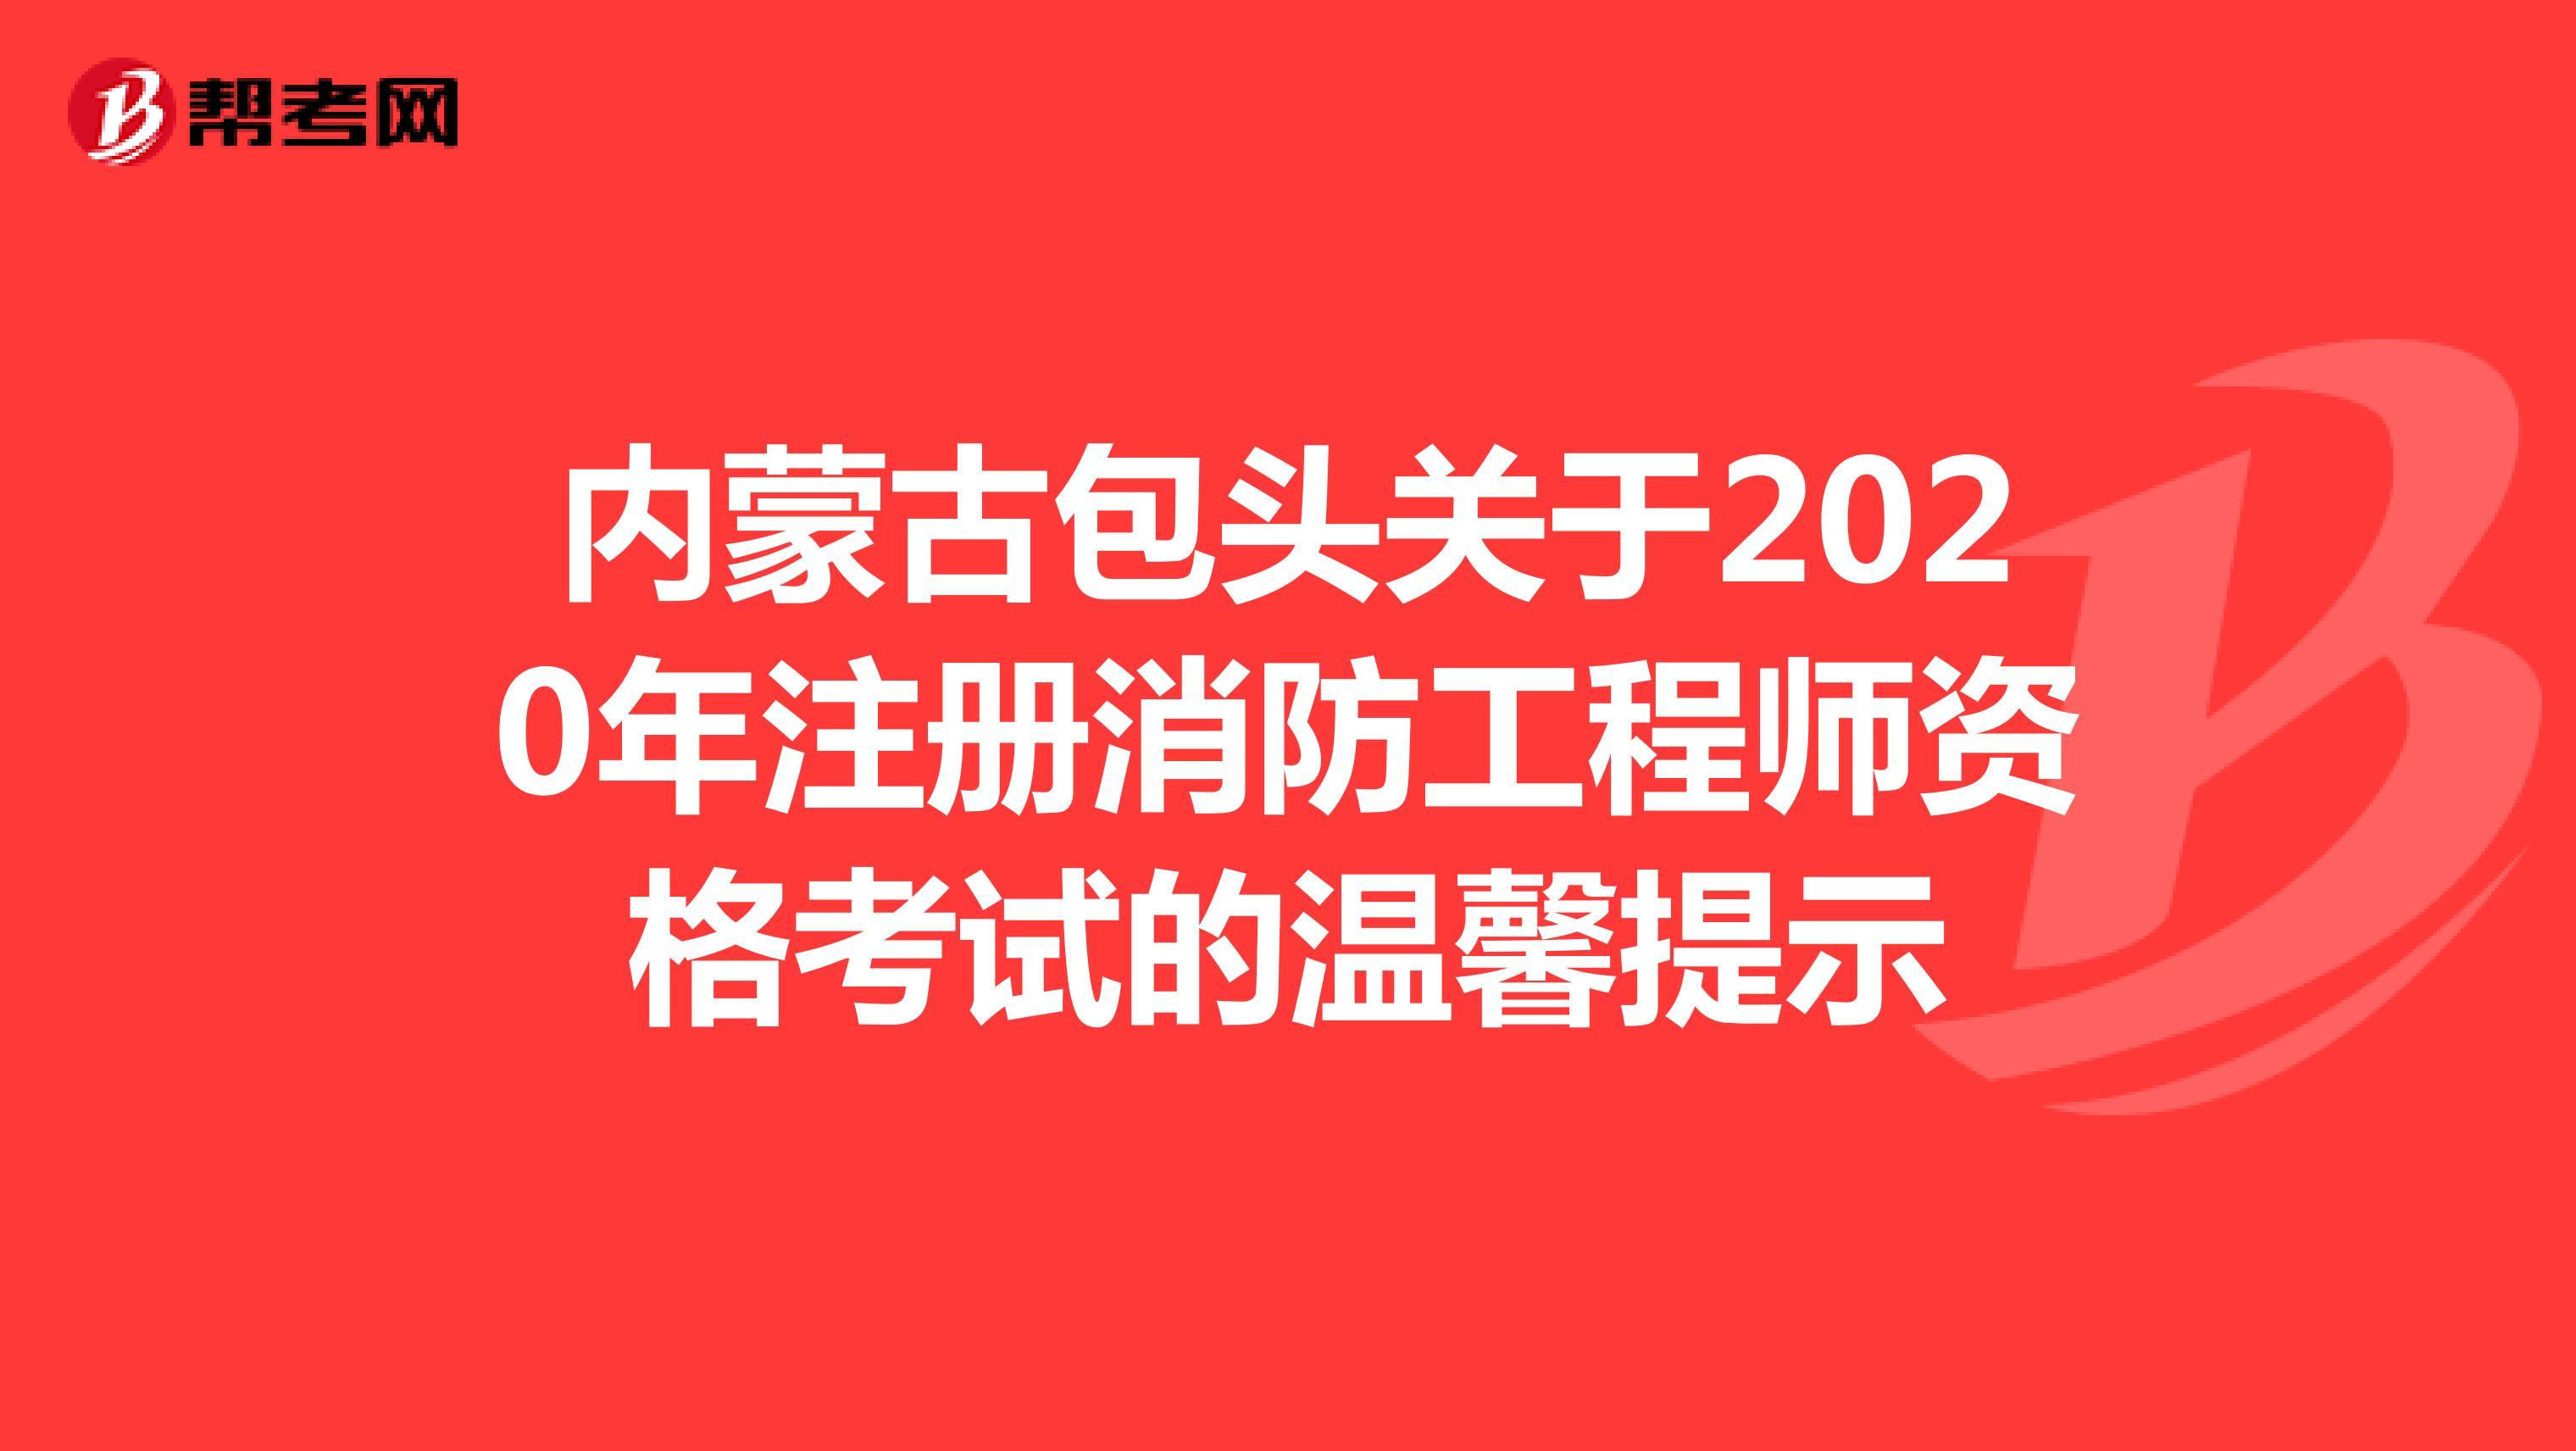 内蒙古包头关于2020年注册消防工程师资格考试的温馨提示